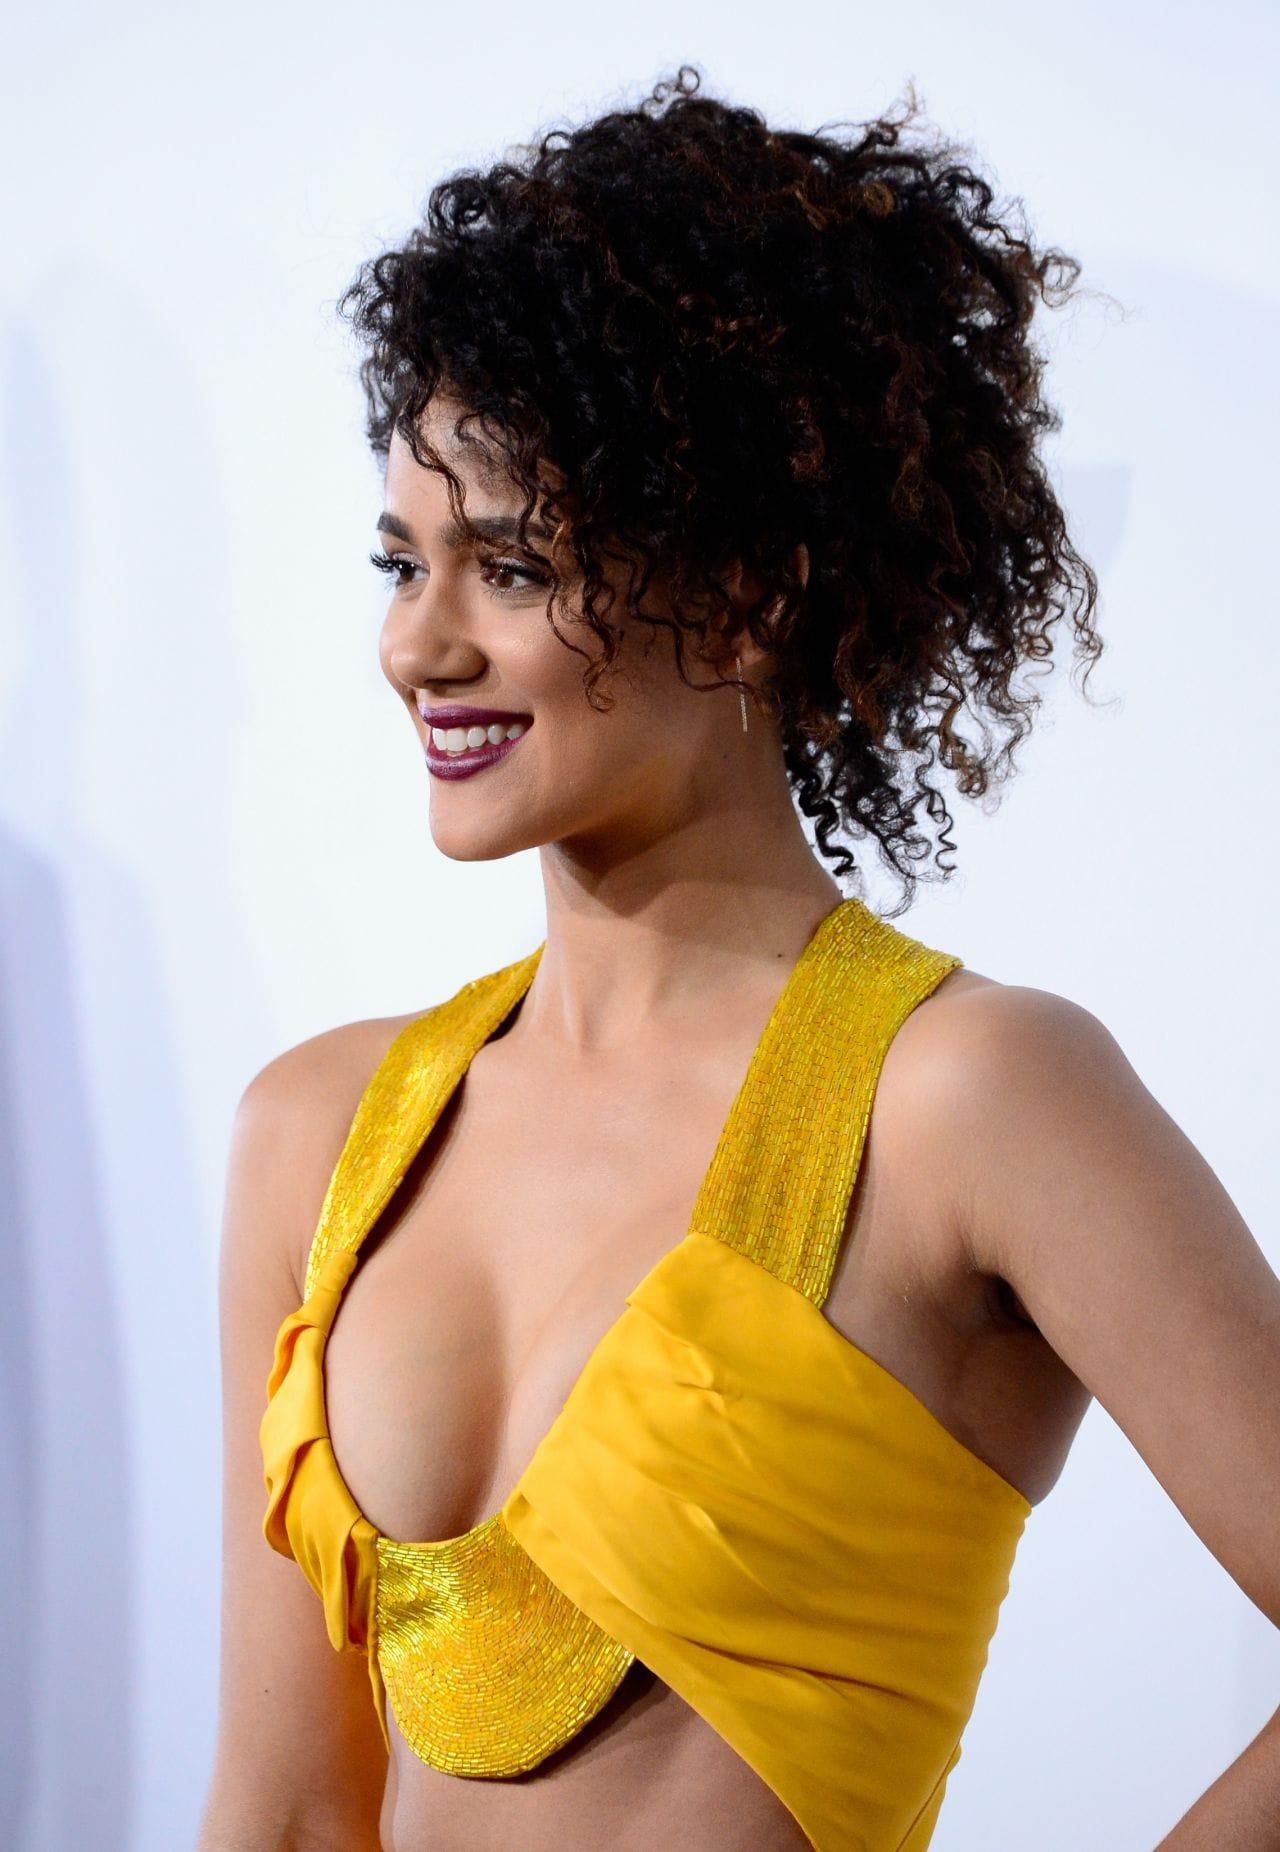 Nathalie Emmanuel High